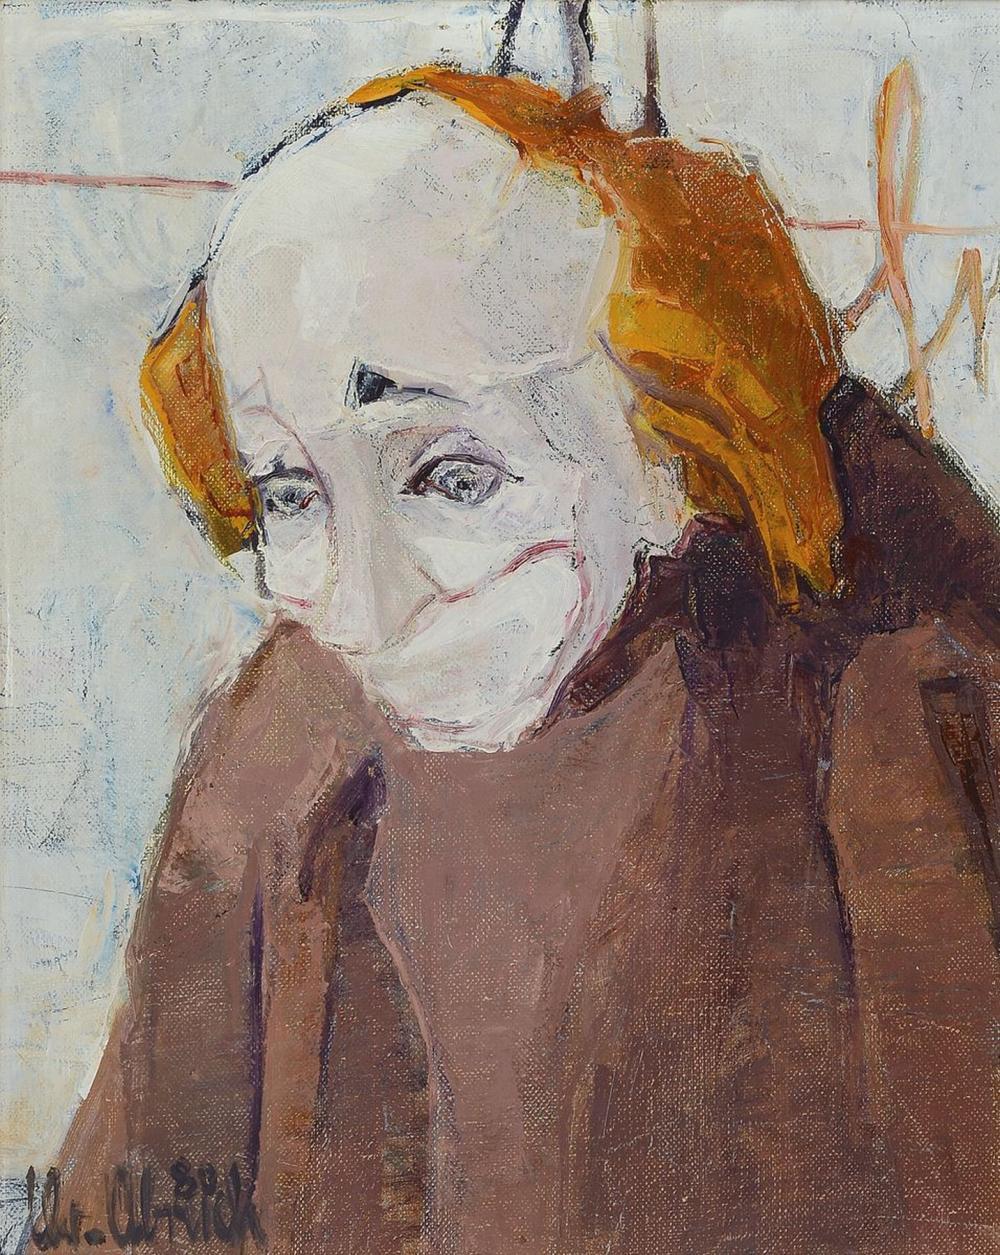 Christel Abresch, 1931 Sulzbach-2011 Neustadt / Weinstr